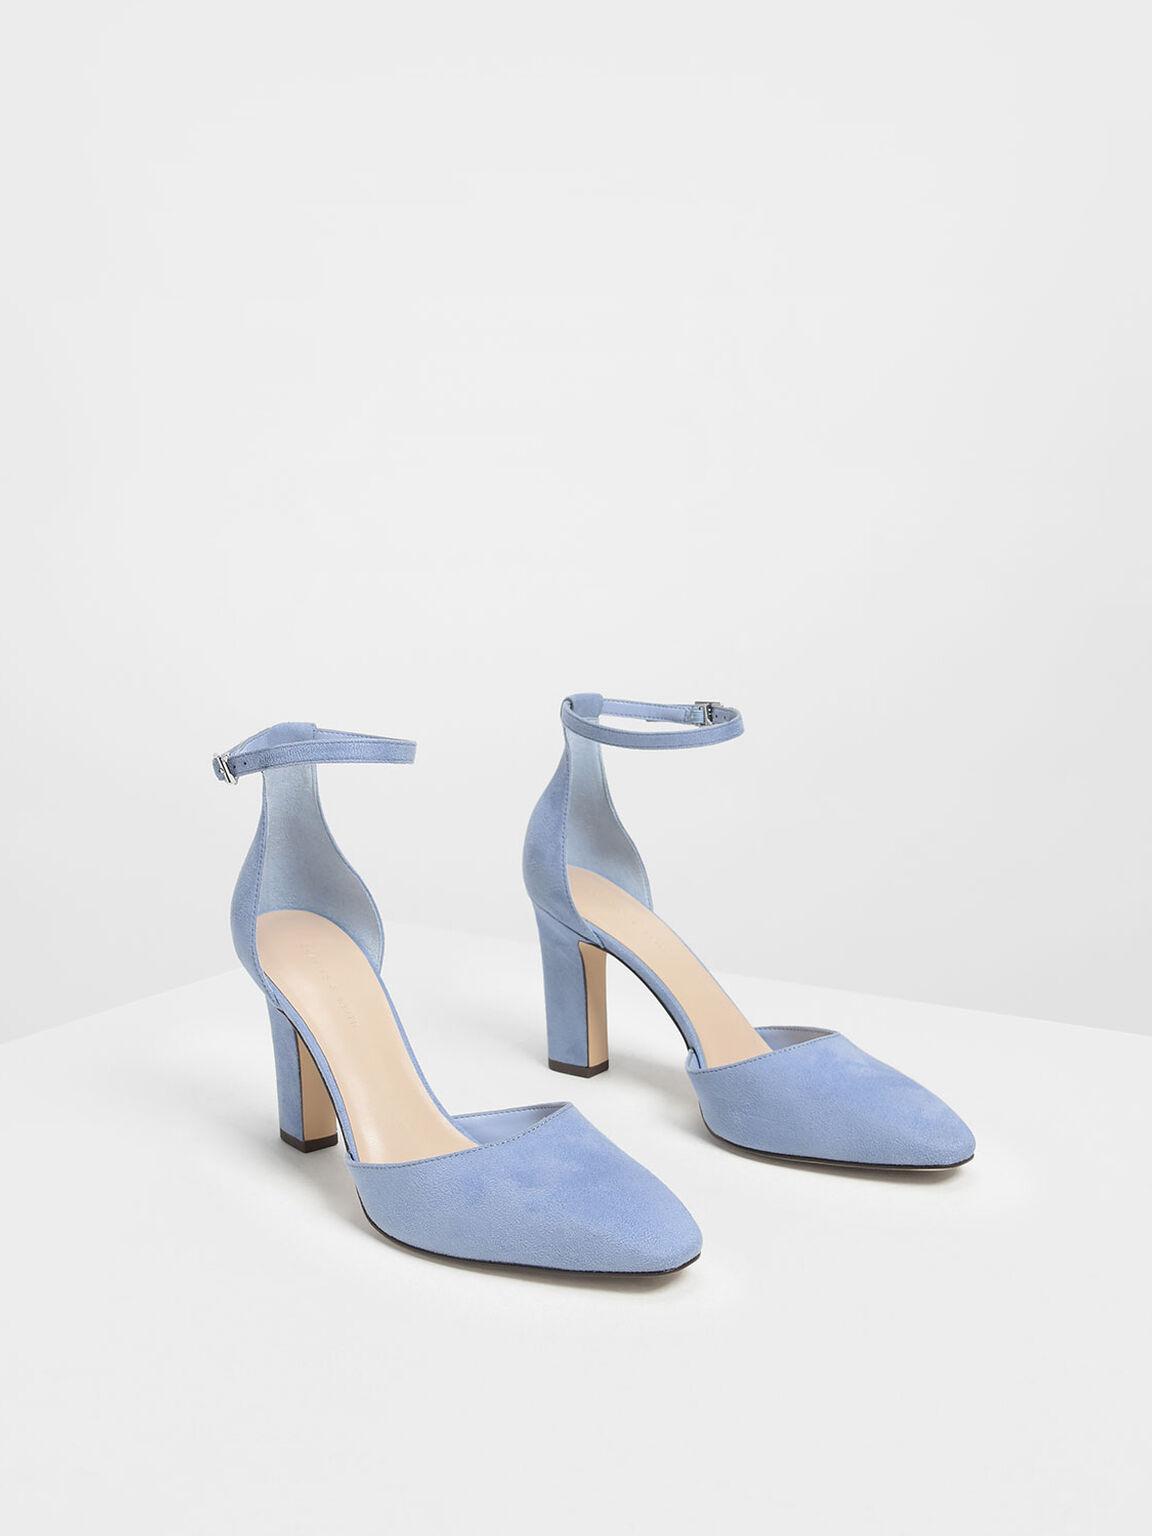 D'Orsay Ankle Strap Pumps, Light Blue, hi-res